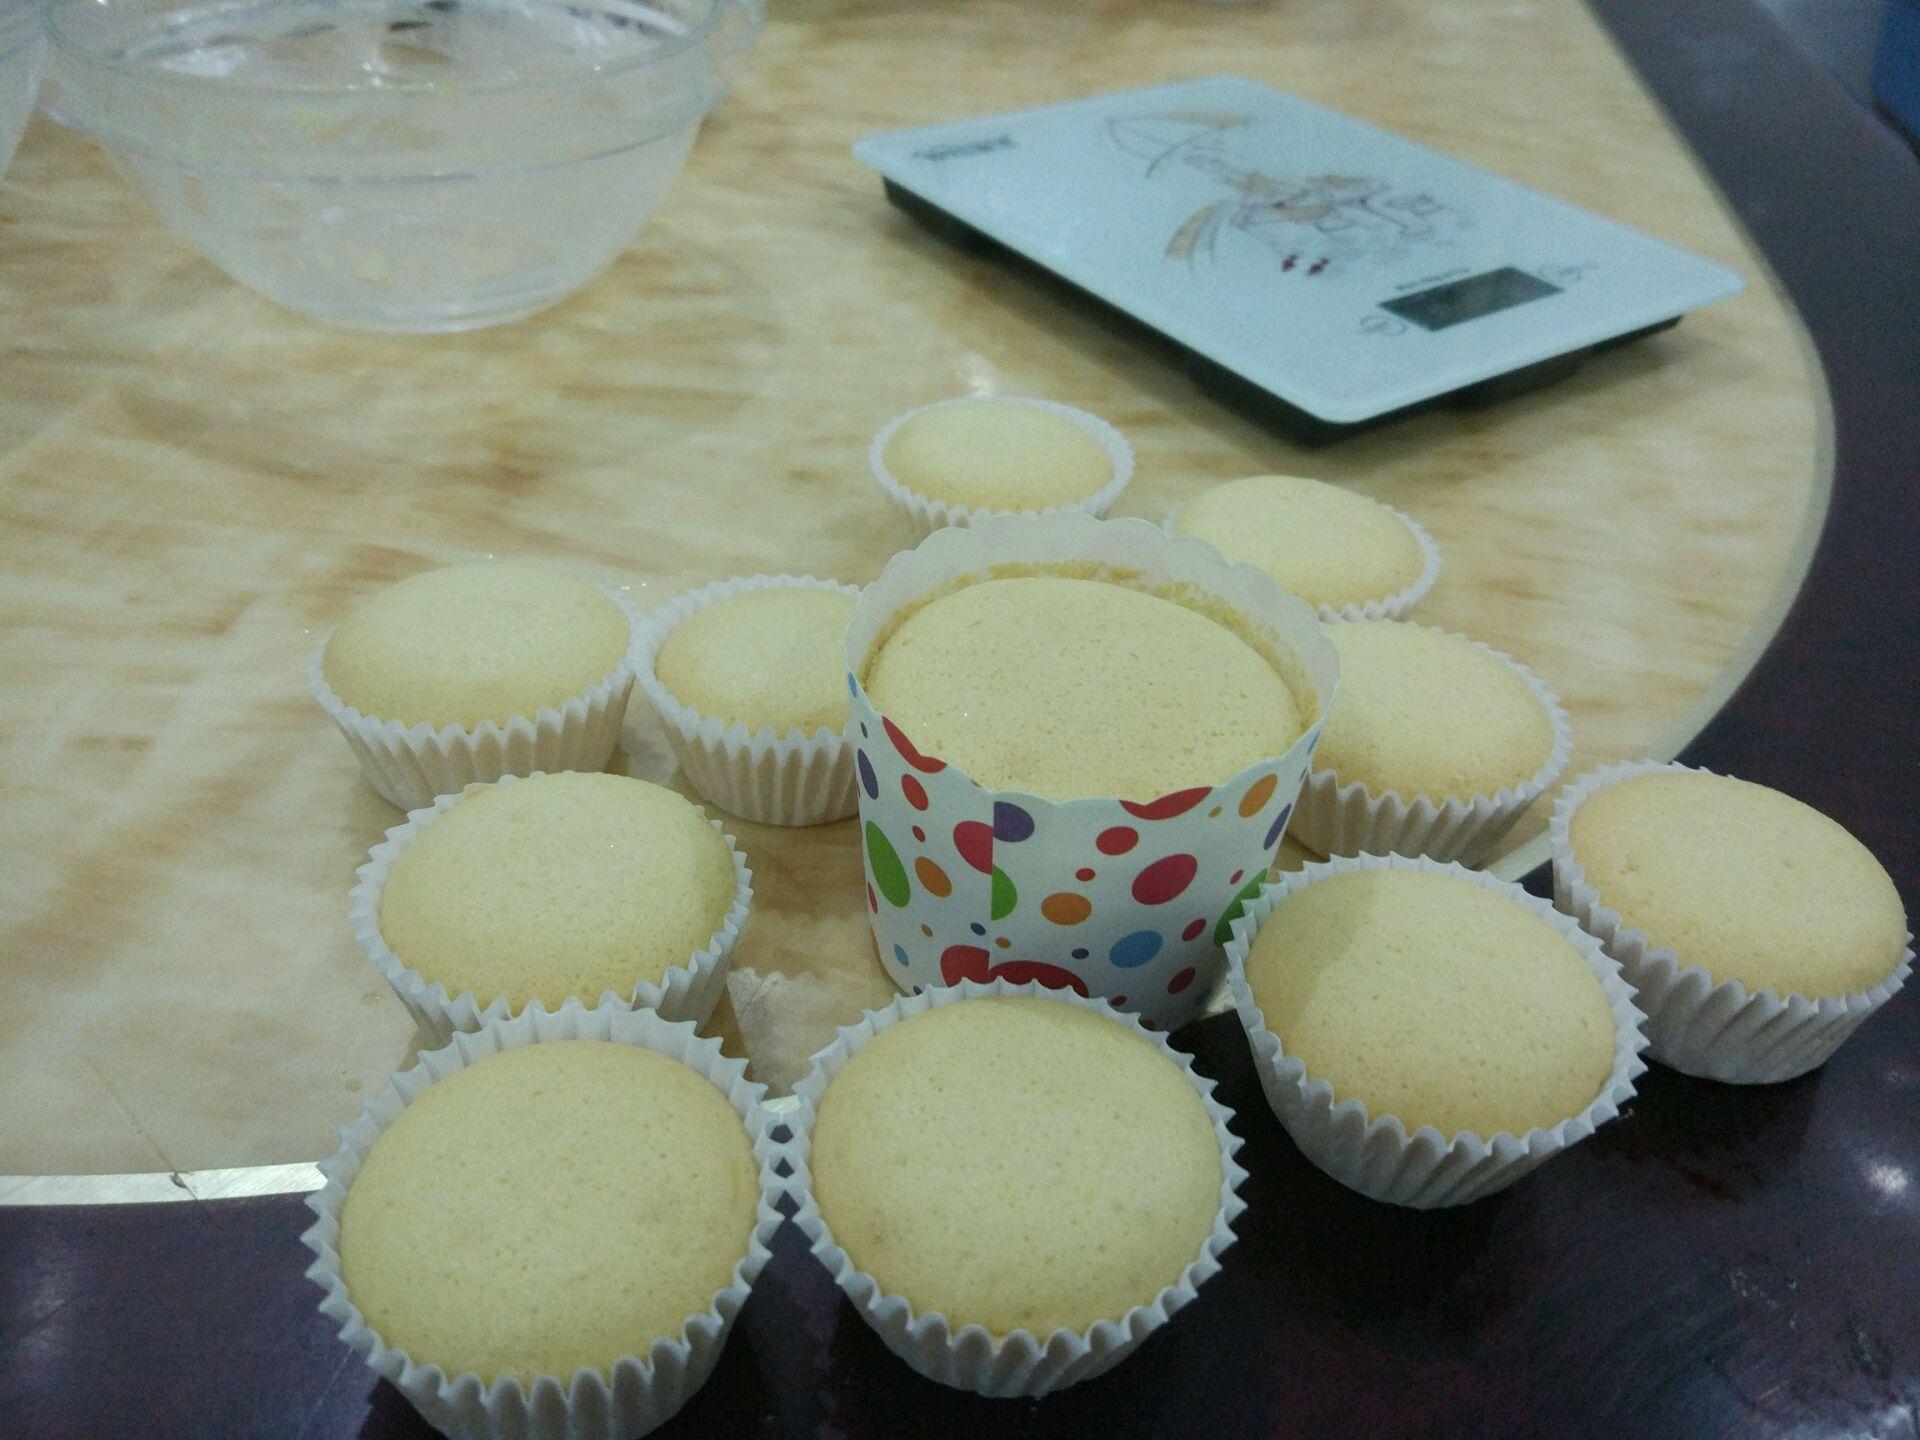 超简单食材,纸杯蛋糕的做法步骤